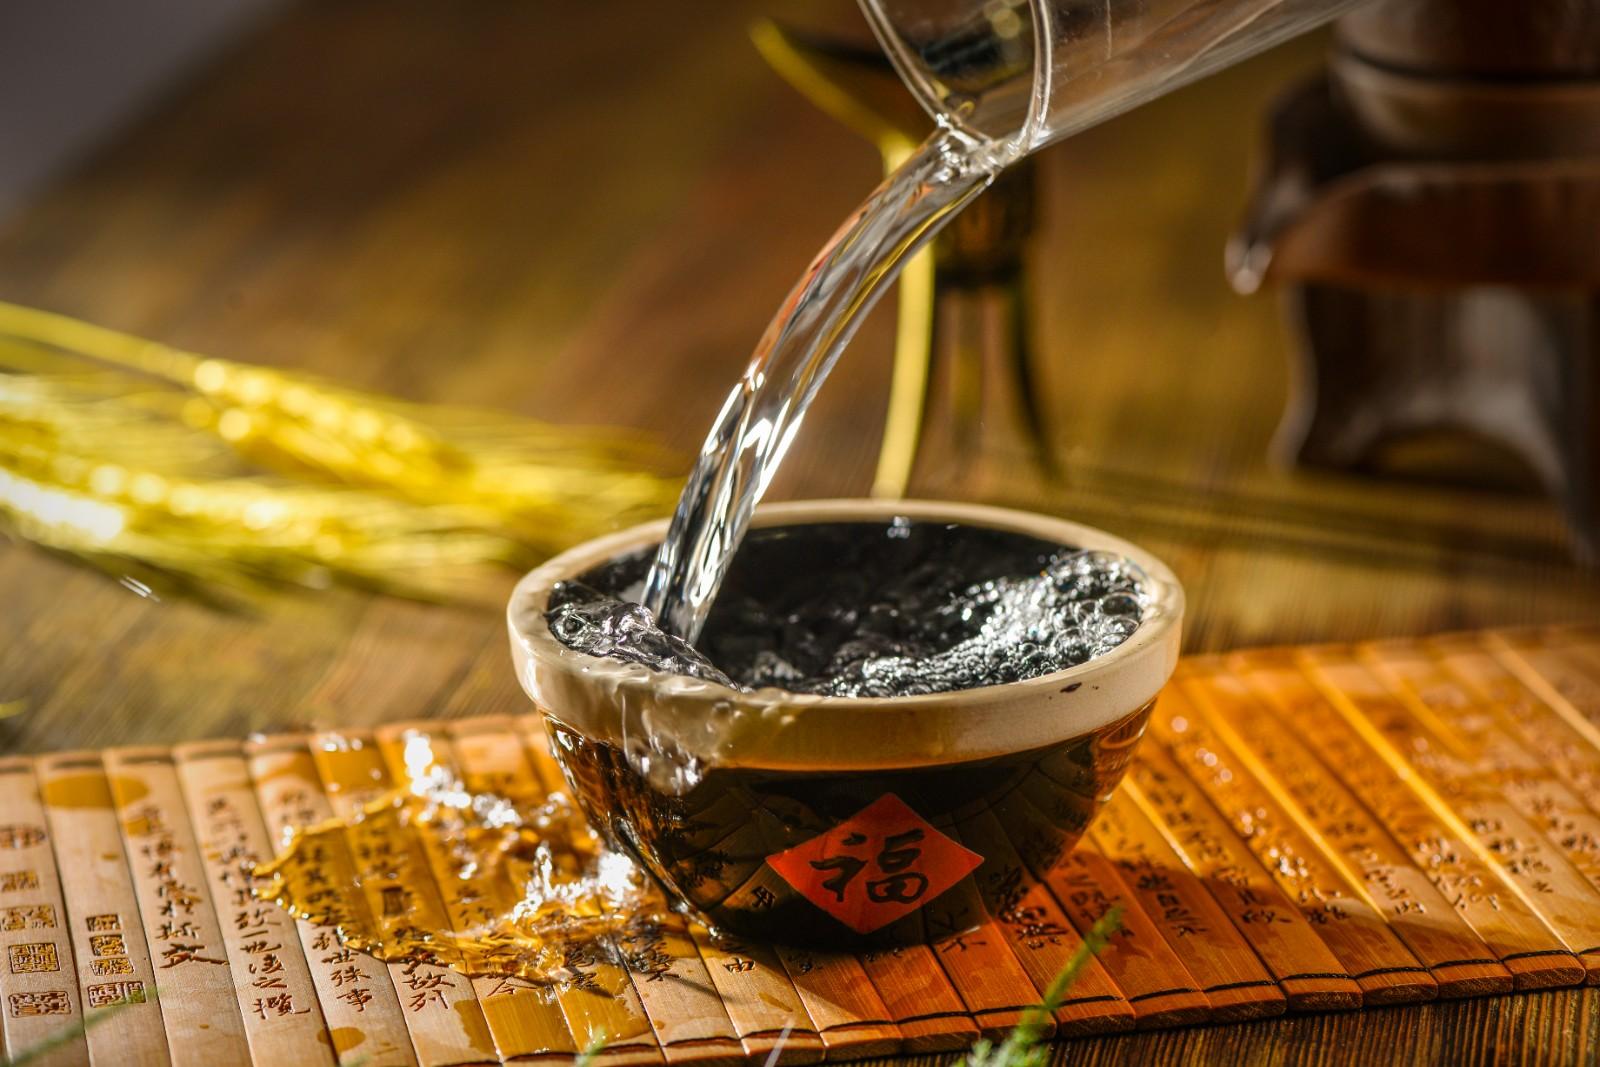 华润啤酒跨界布局白酒业务,业绩增速缓慢寻找第二增长曲线?